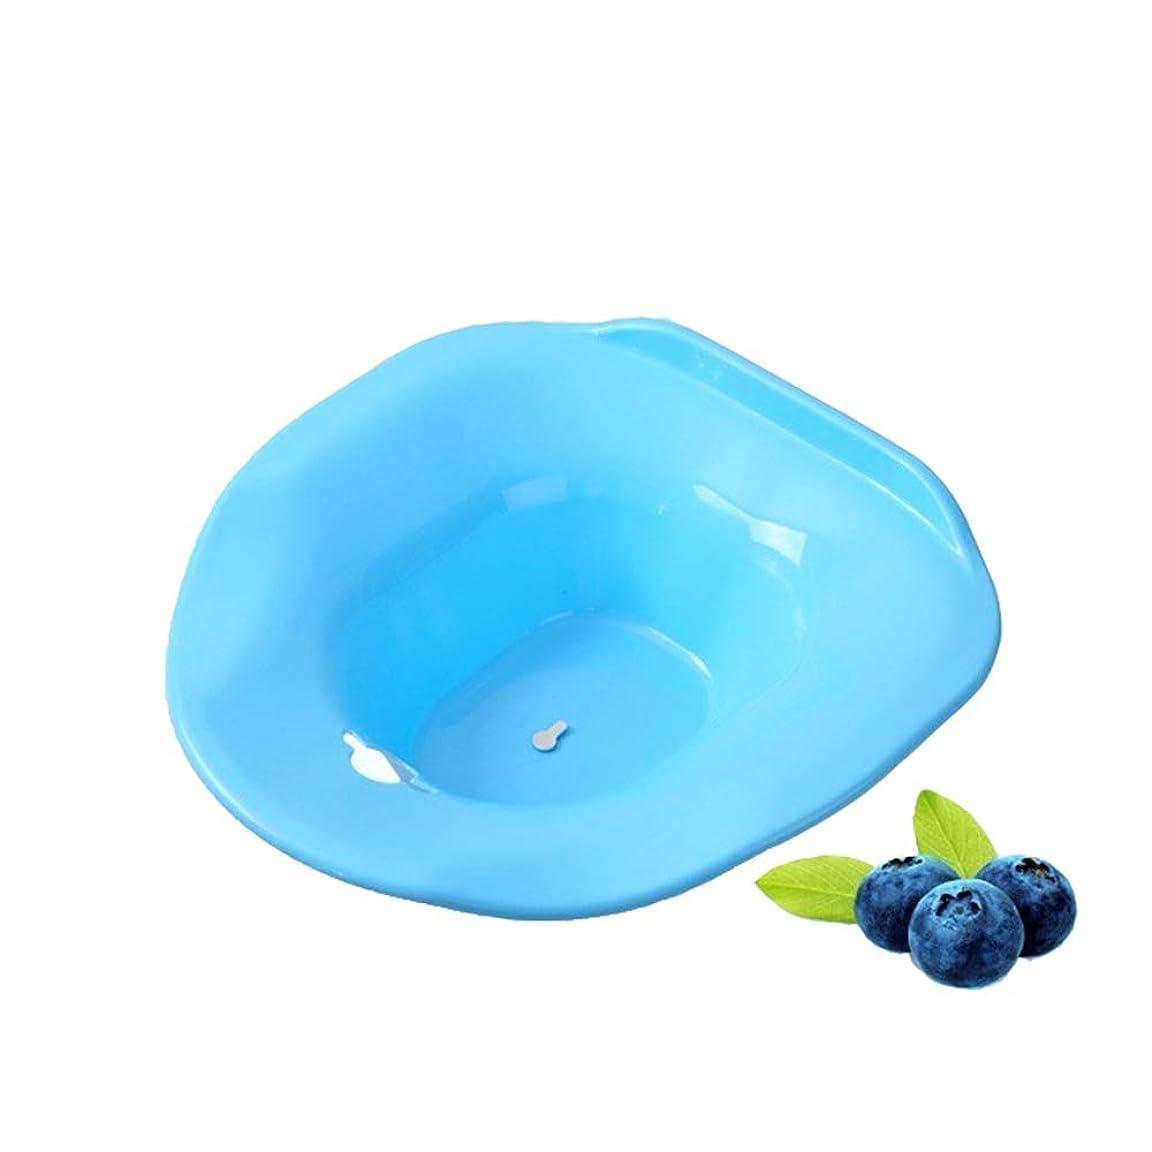 メロドラマラテン同性愛者女性のビデ お尻の座浴 座浴のため 軟らかいトイレの水座浴用器 携帯ビデより効果的な座浴器、病院個人用 (青)